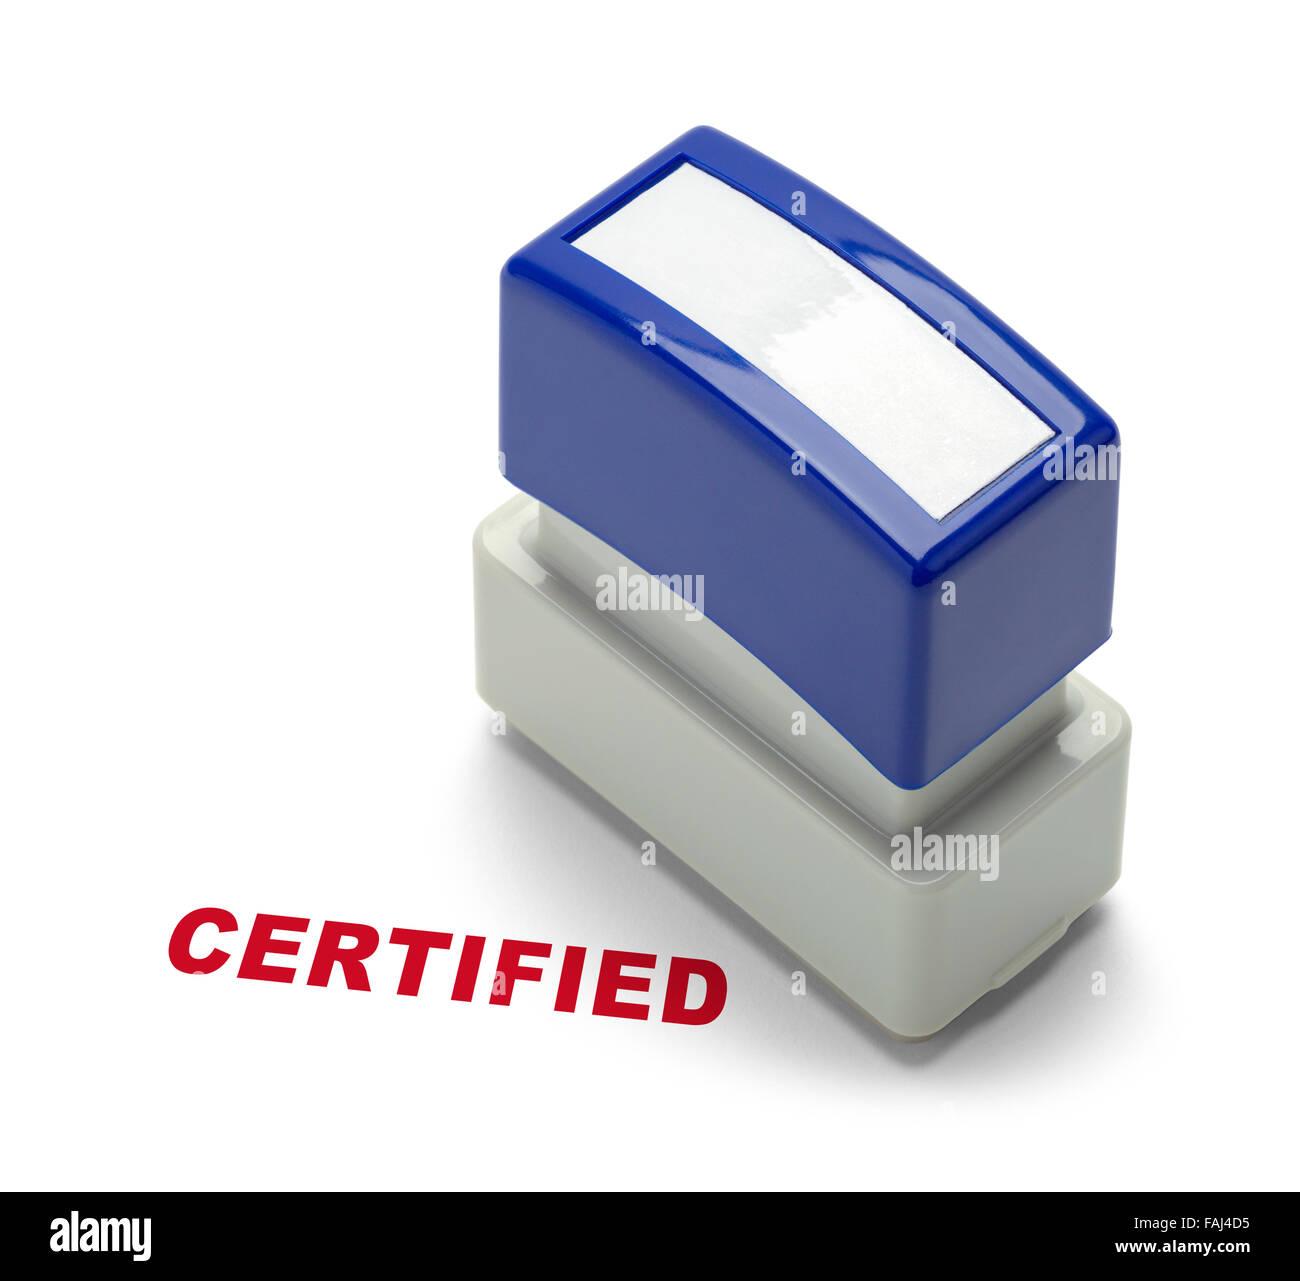 Empresa Certificada Stamper aislado sobre un fondo blanco. Imagen De Stock